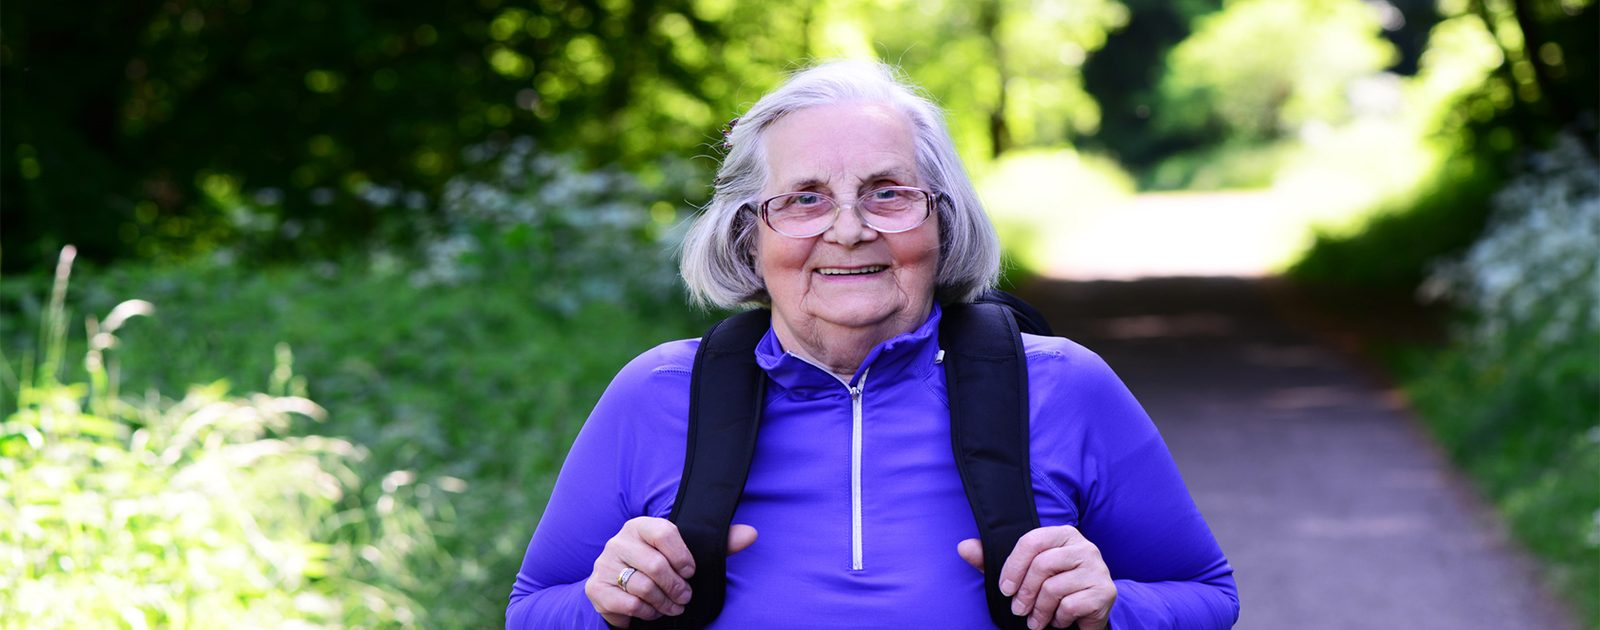 Alltagstipps gegen Rückenschmerzen bei älteren Menschen: Frau bewegt sich an der Natur.